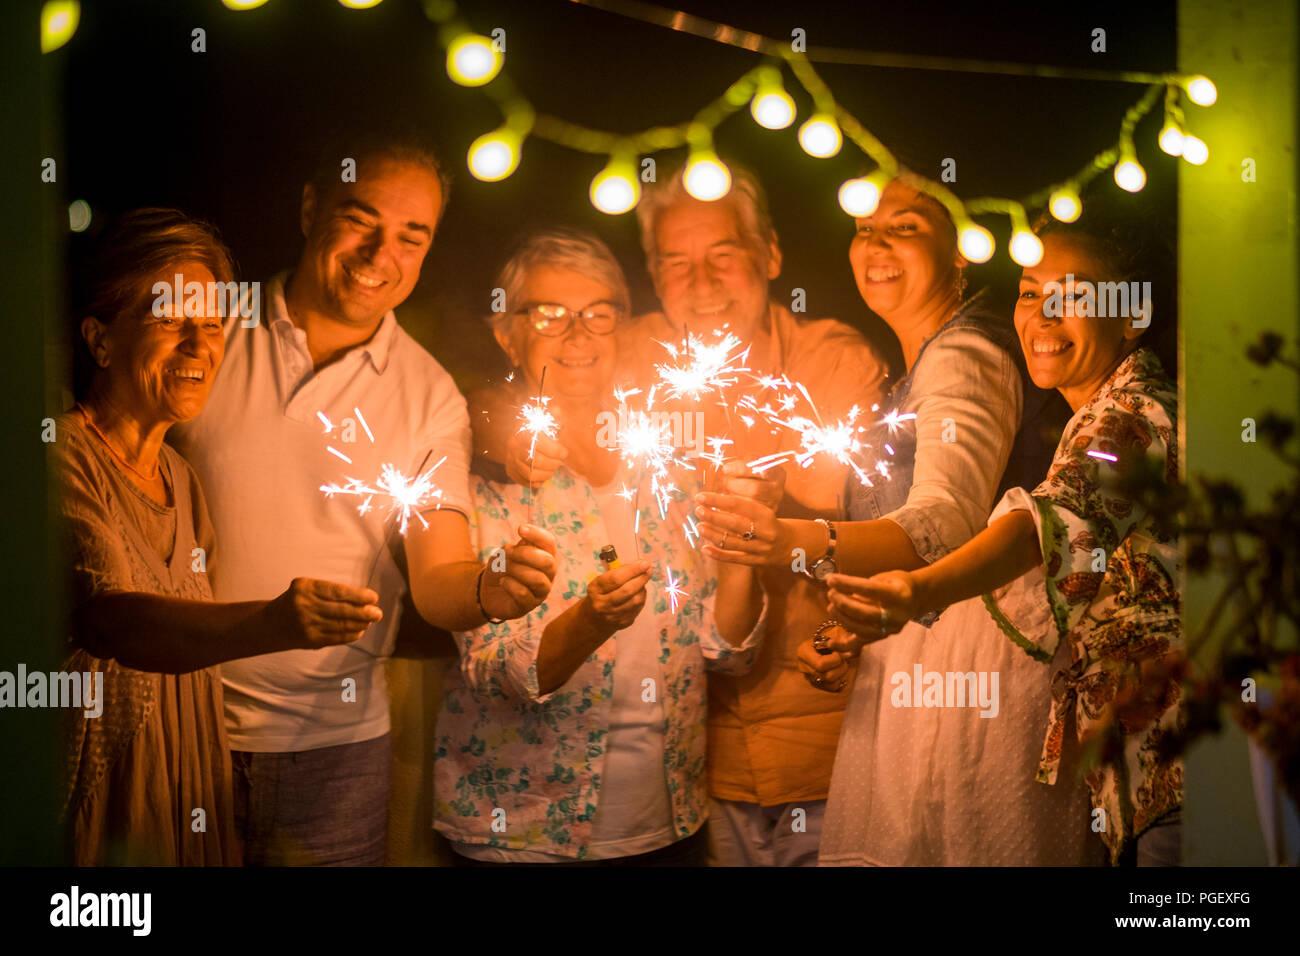 Groupe de personnes de célébrer un événement comme le nouvel an ou anniversaire tous ensemble, avec la lumière scintille par nuit dans l'obscurité. sourit et s'amusant à frie Photo Stock